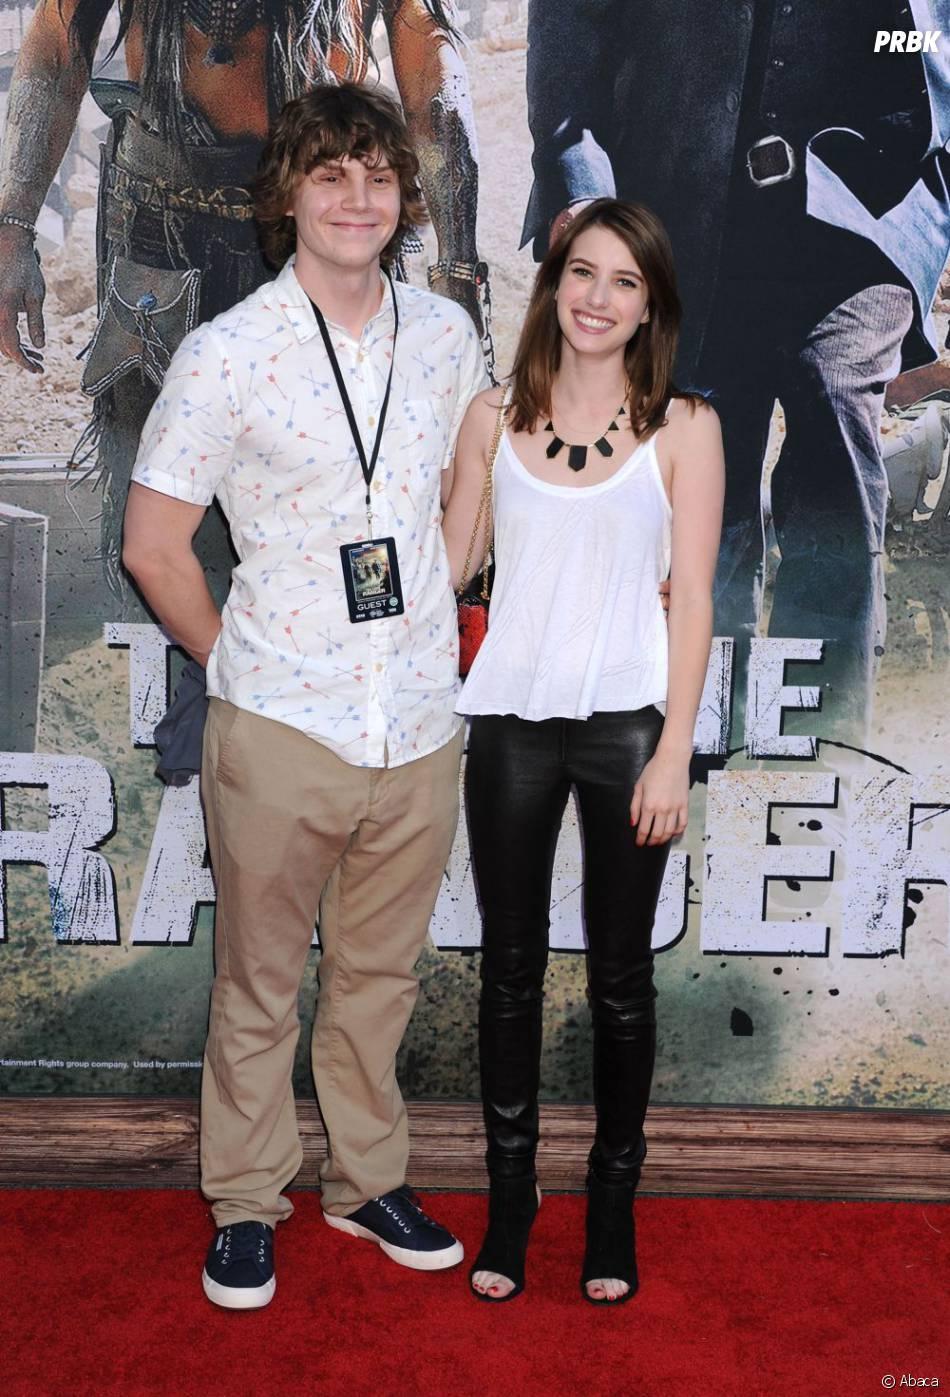 Emma Roberts et Evan Peters à l'avant-première de Lone Ranger, le 22 juin 2013 à L.A